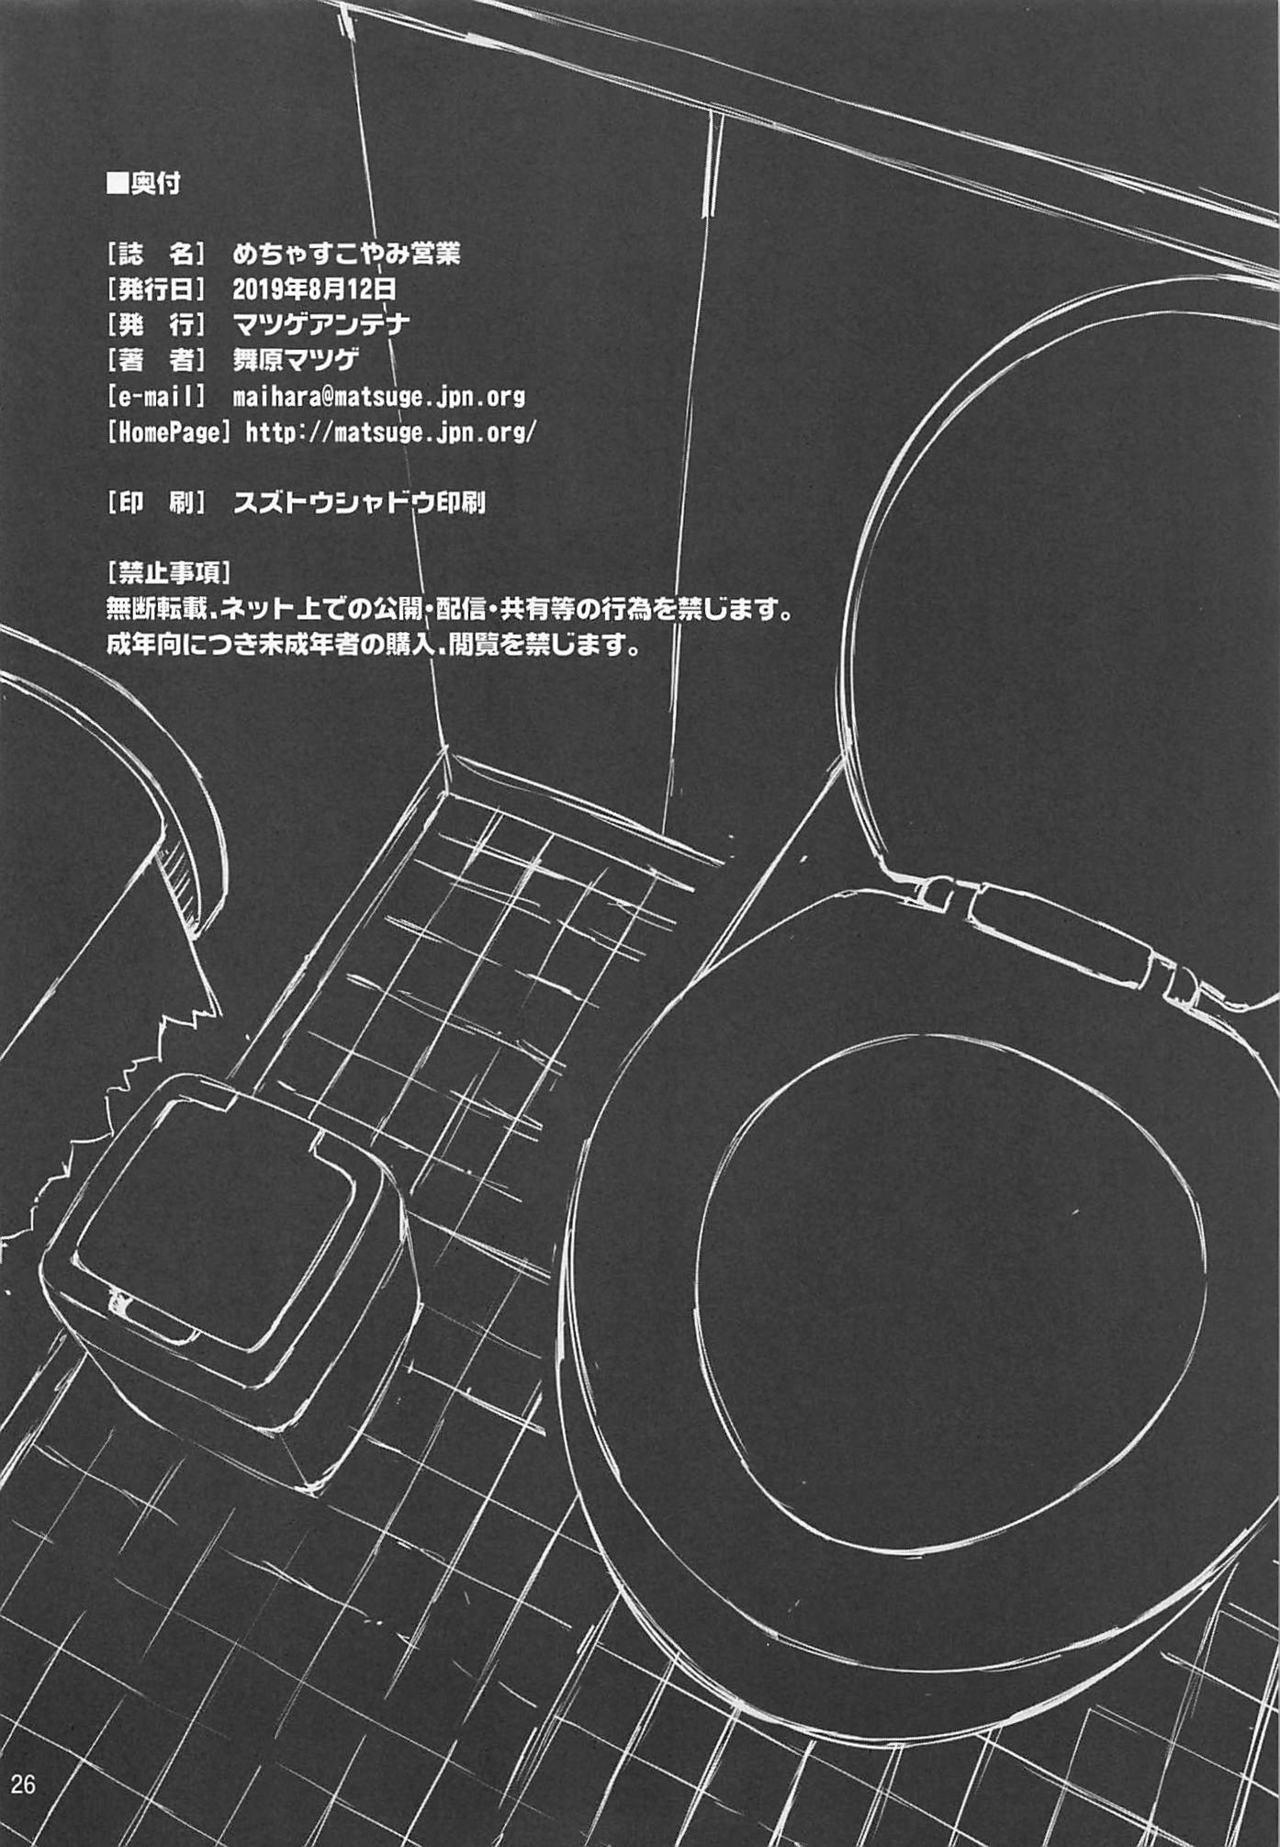 Mechasukoyamieigyo 24